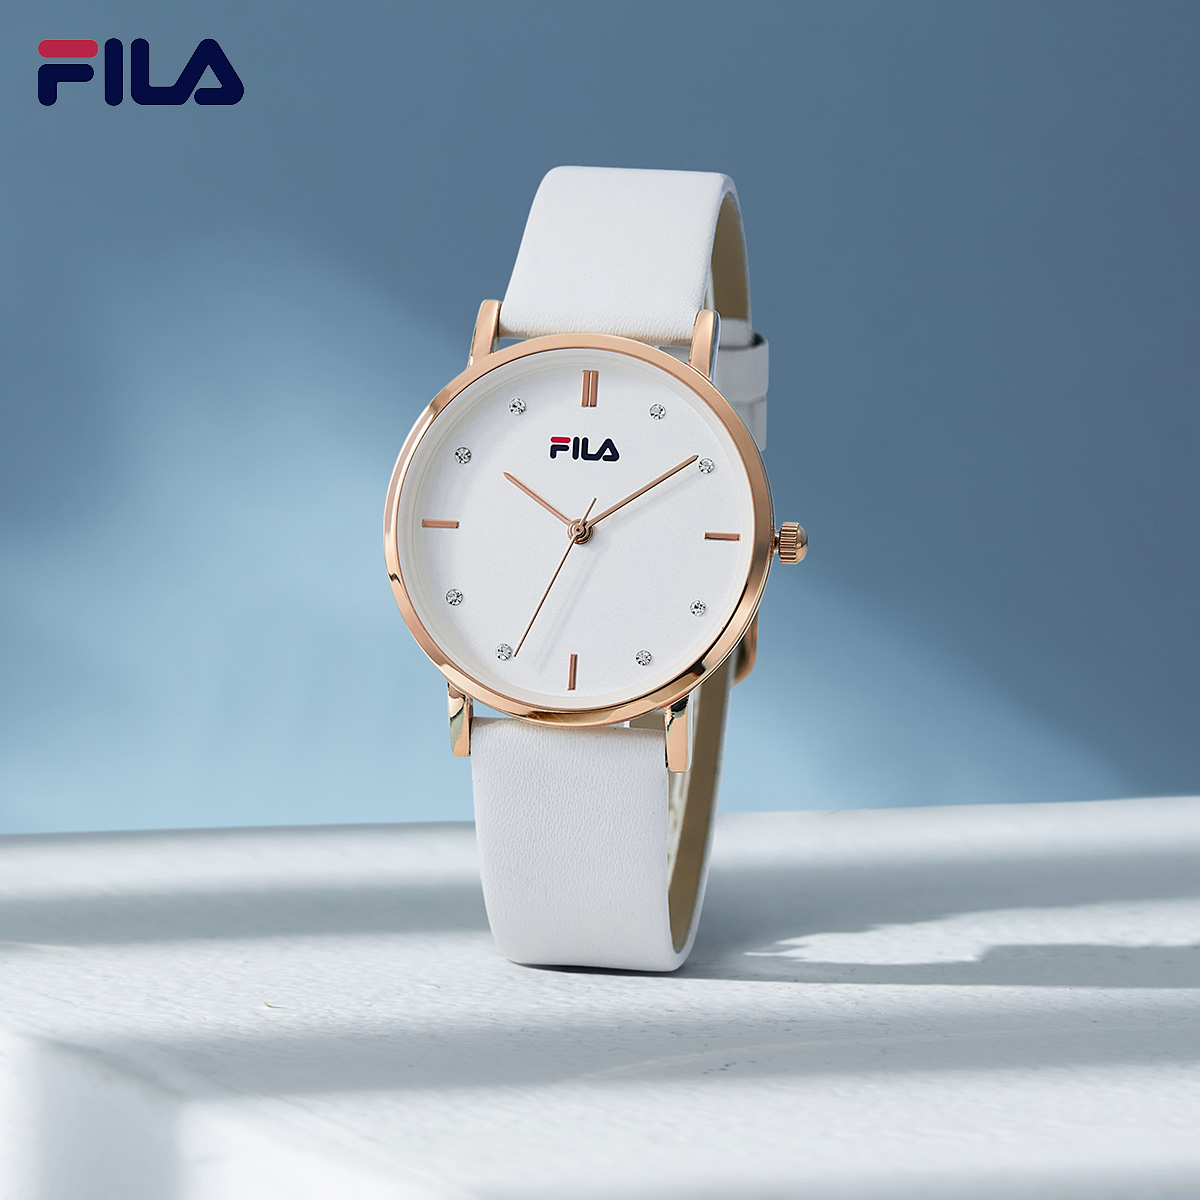 【专属】FILA手表夏季新品女士简约小表盘防水石英腕表6066